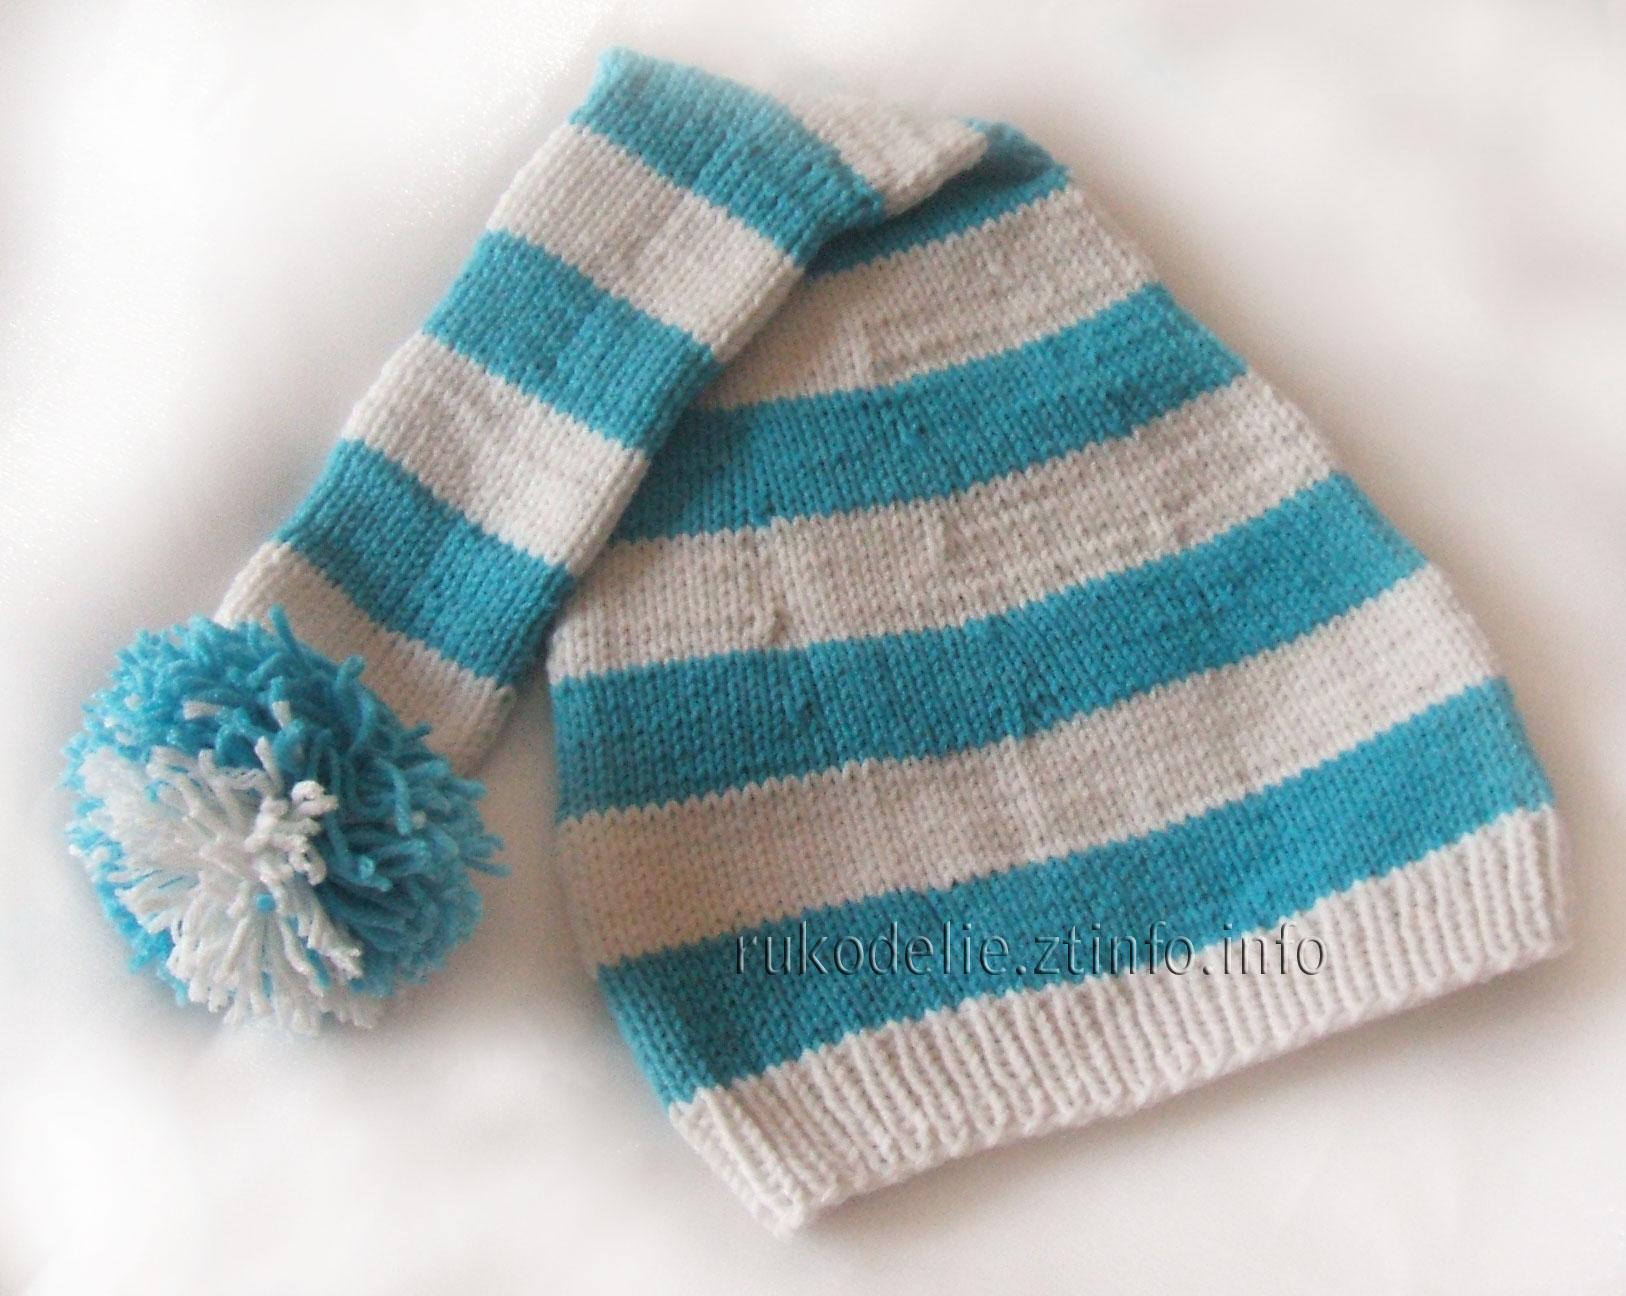 шапка на 3 летнего ребёнка крючком схема